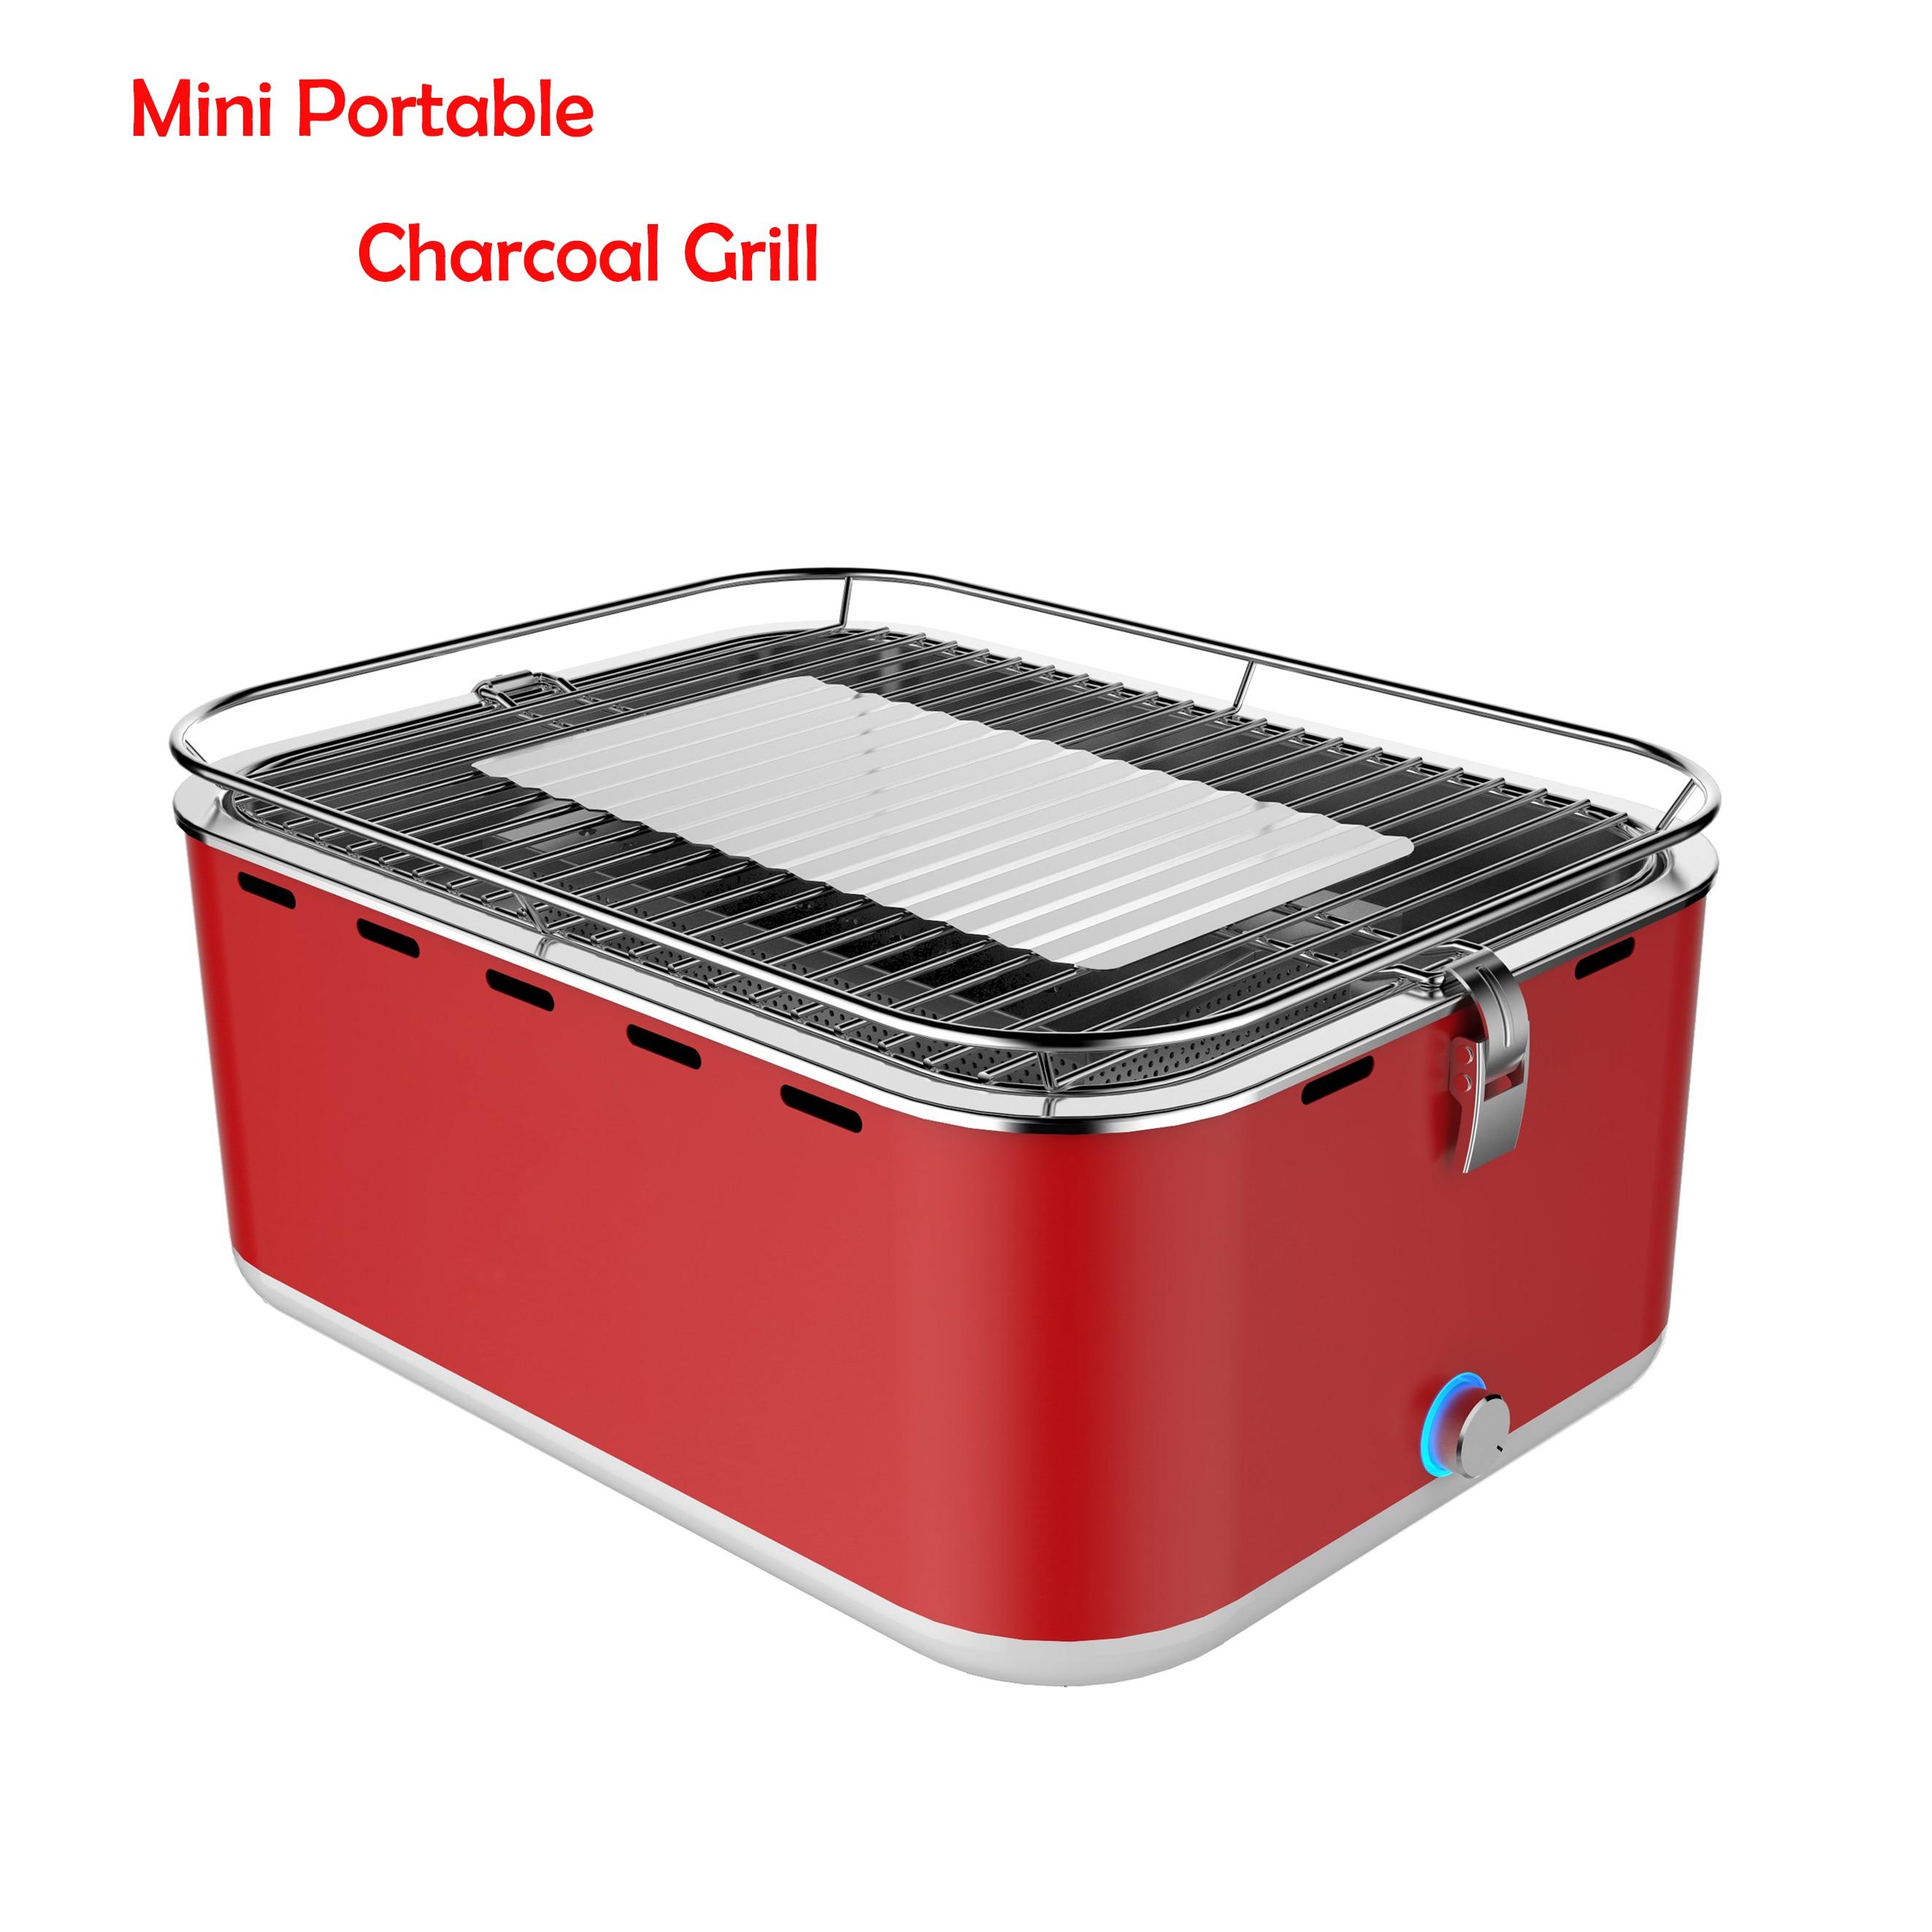 Mini grille carrée Portable sans fumée | Pour Table et Barbecue à charbon de bois, allumage de 3 à 4 Minutes pour Barbecue, Barbecue en plein air